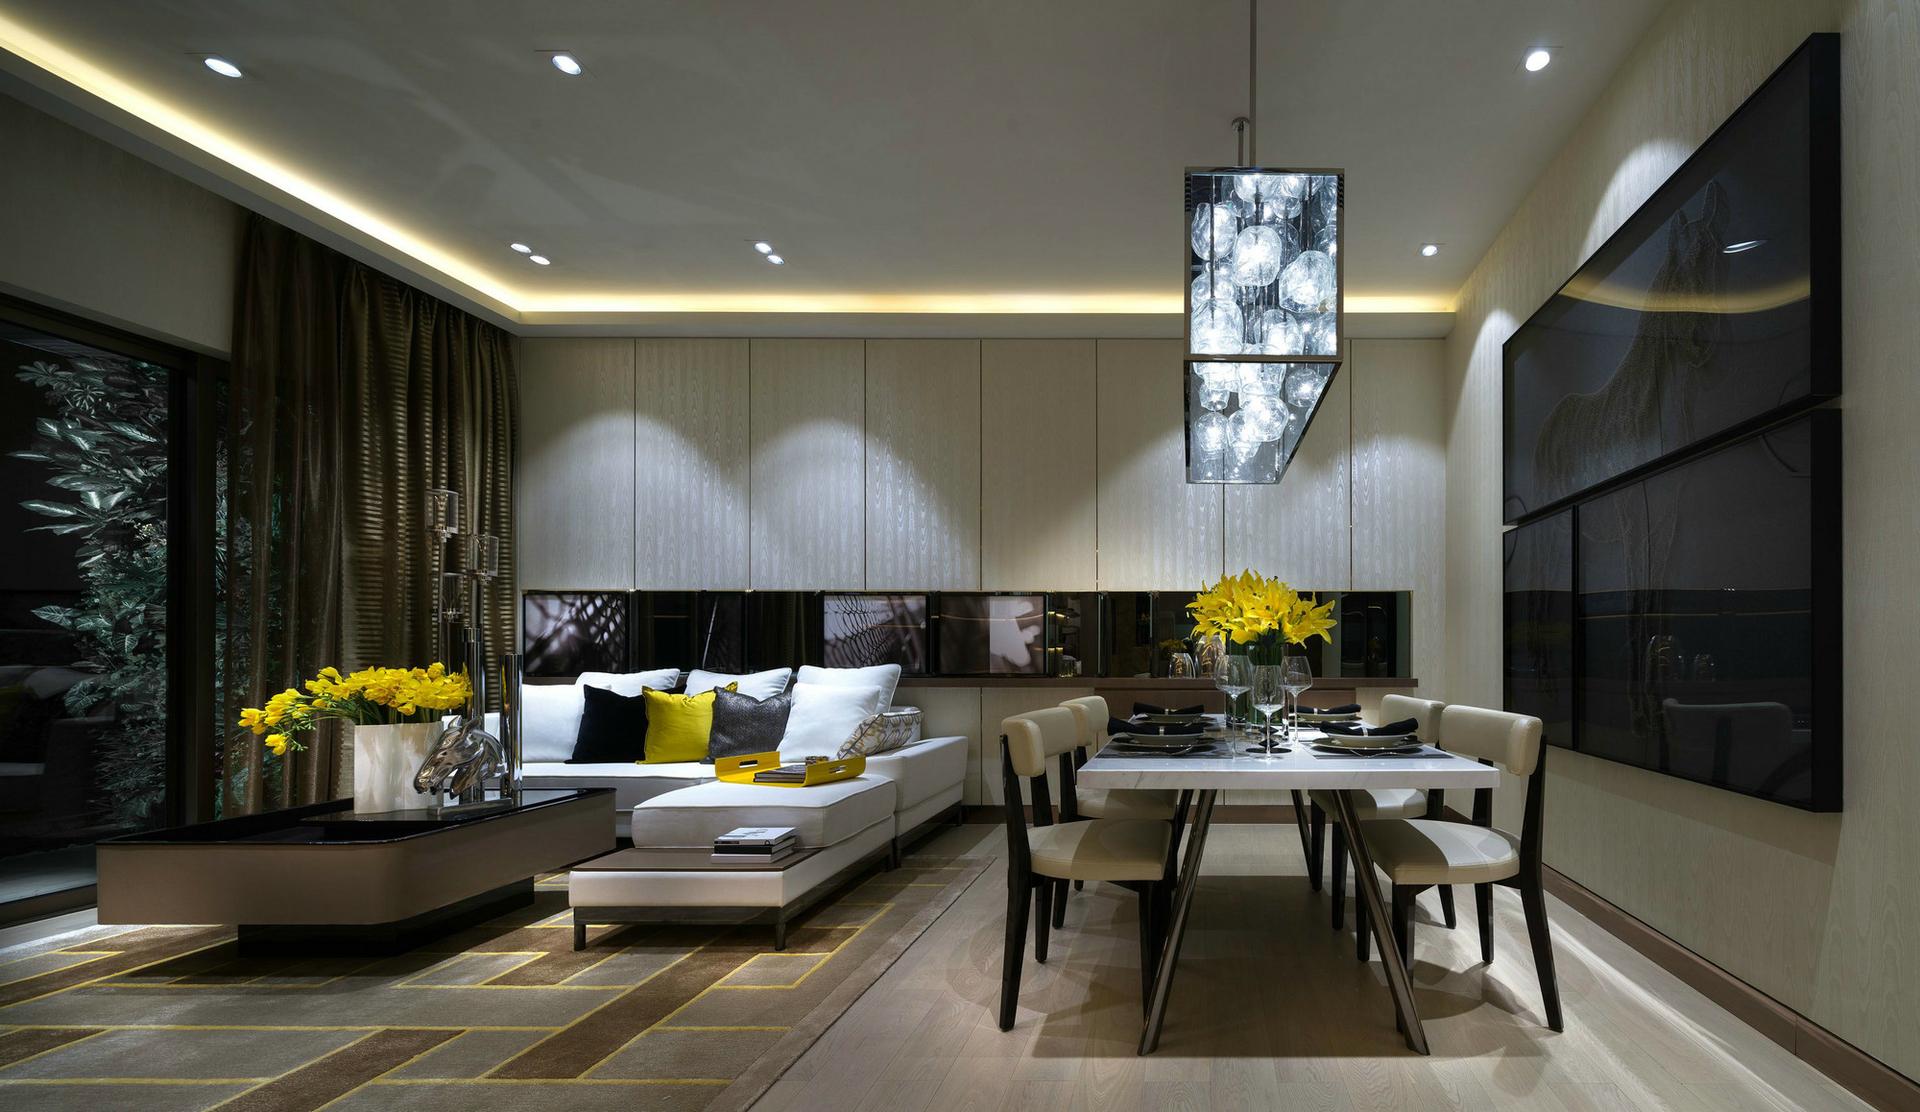 客厅图片来自西安紫苹果装饰工程有限公司在75平公寓的分享